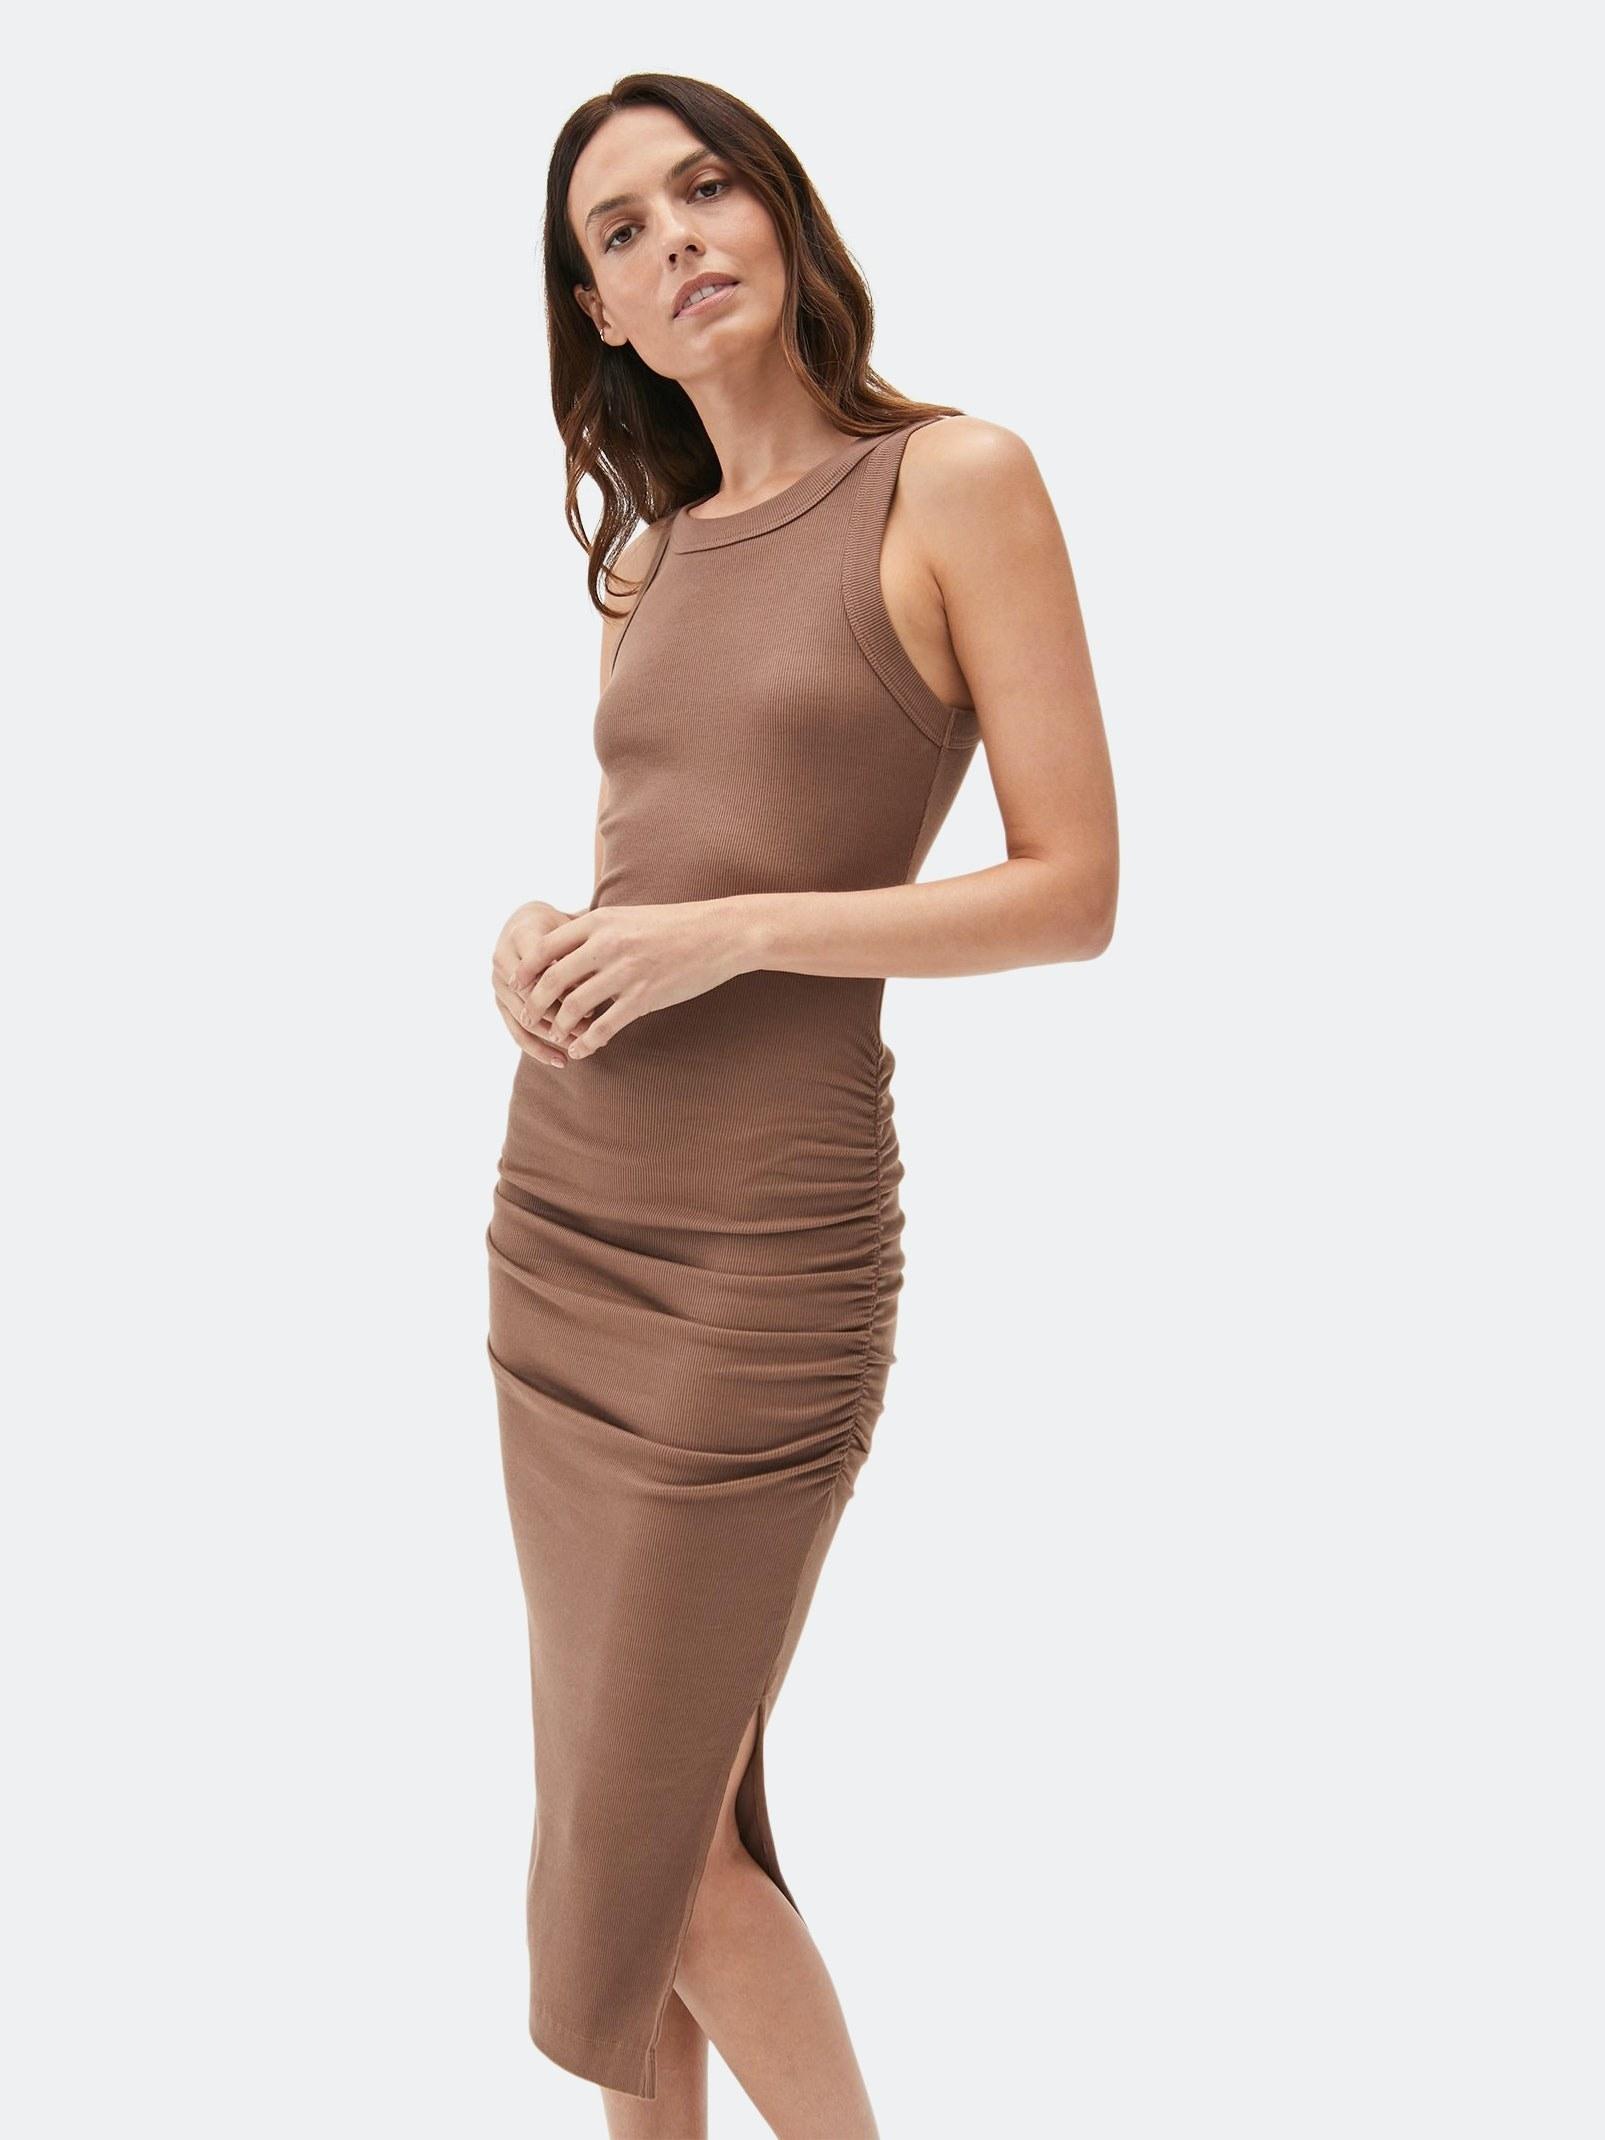 model wearing the dress in camel